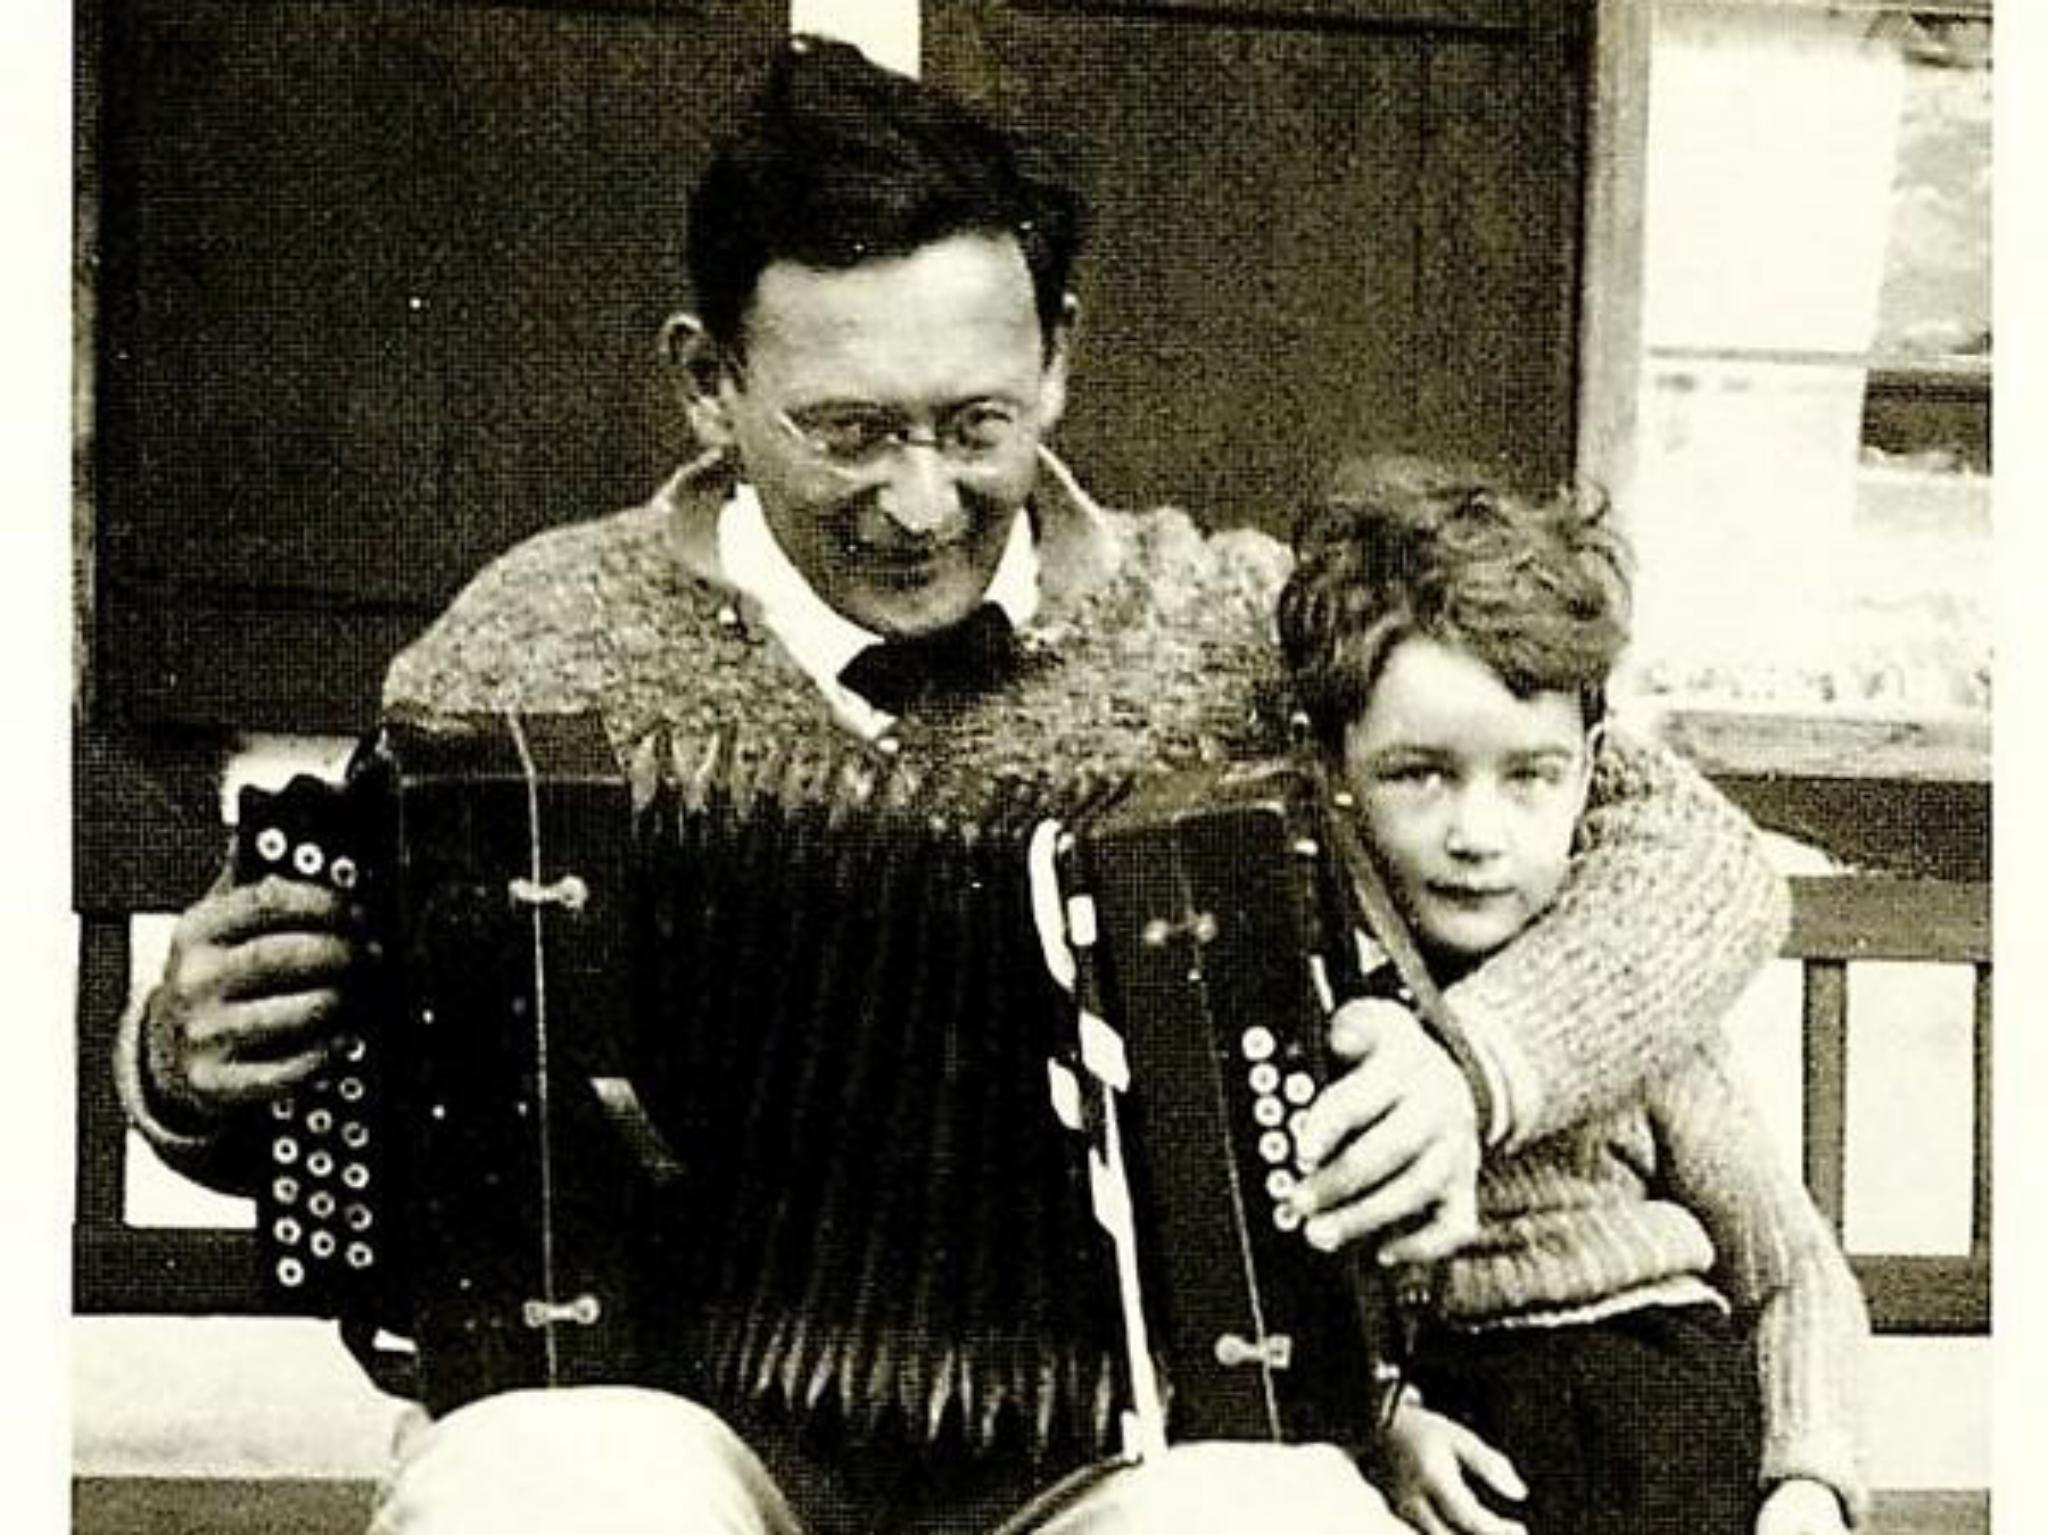 Max Mohr mit seiner Tochter Eva, ca. 1930. Foto: Archiv Willi Dürrnagel